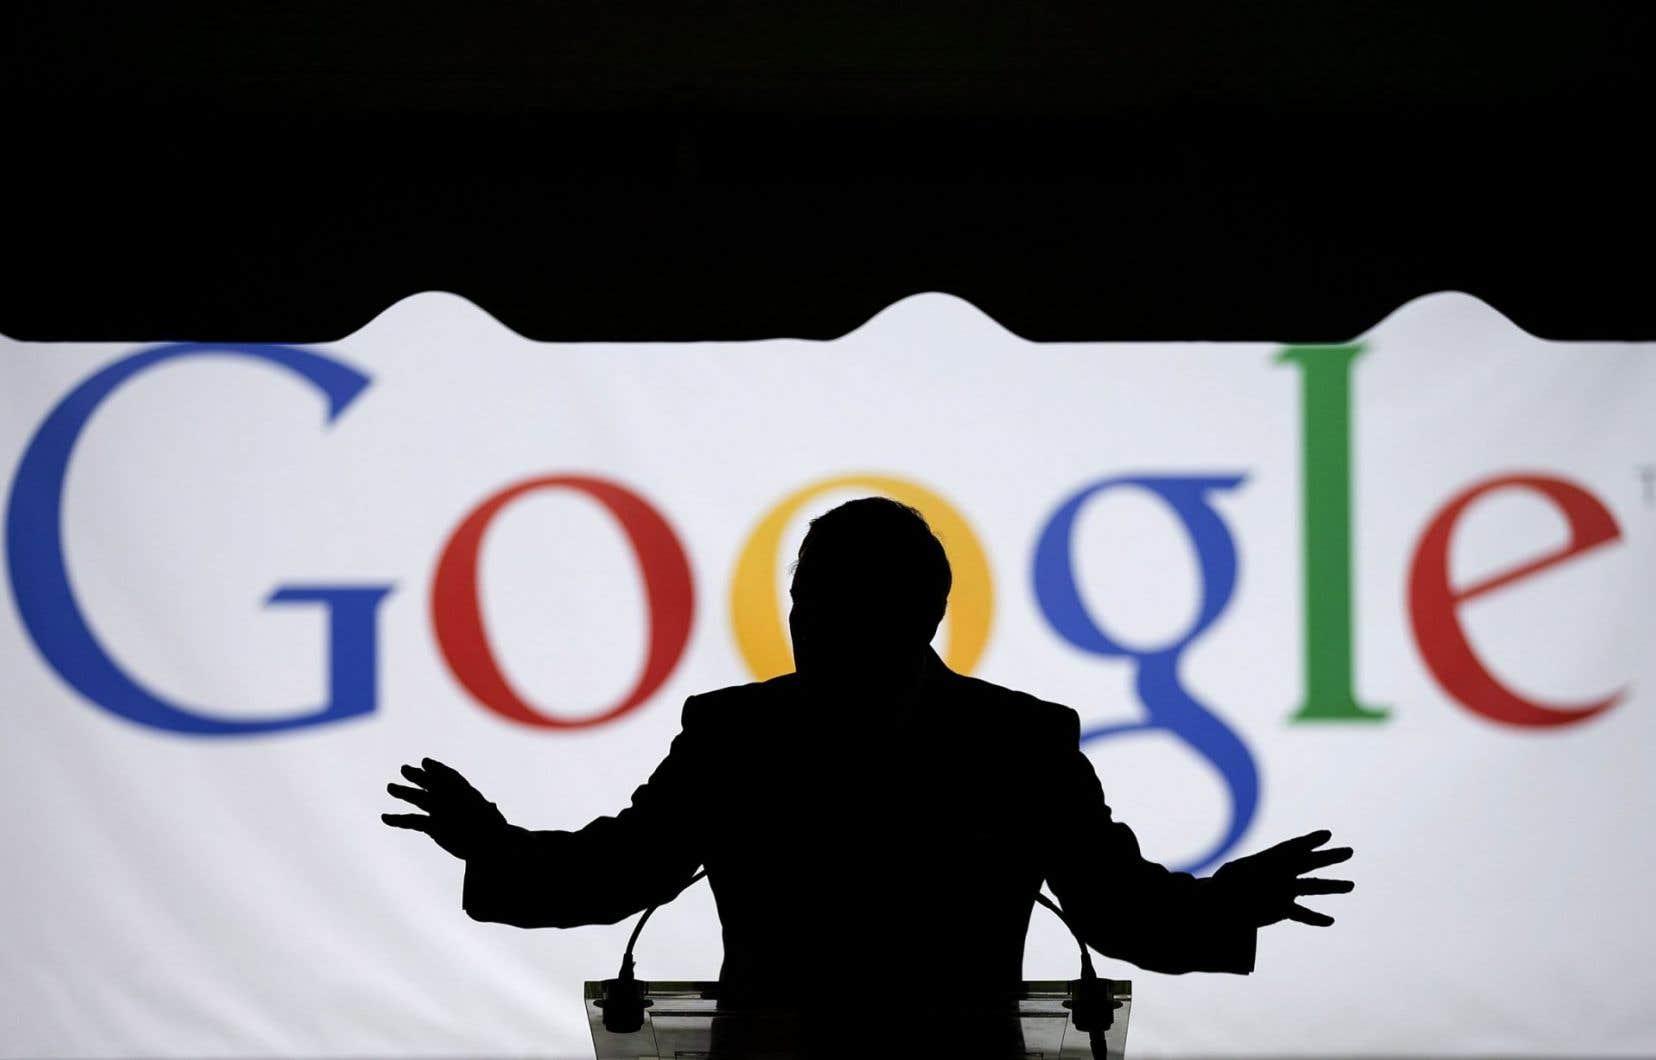 Le 23juin dernier, la Cour suprême du Canada ordonnait à Google de désindexer de son moteur de recherche tous les sites Internet d'un contrefacteur sur une base mondiale.